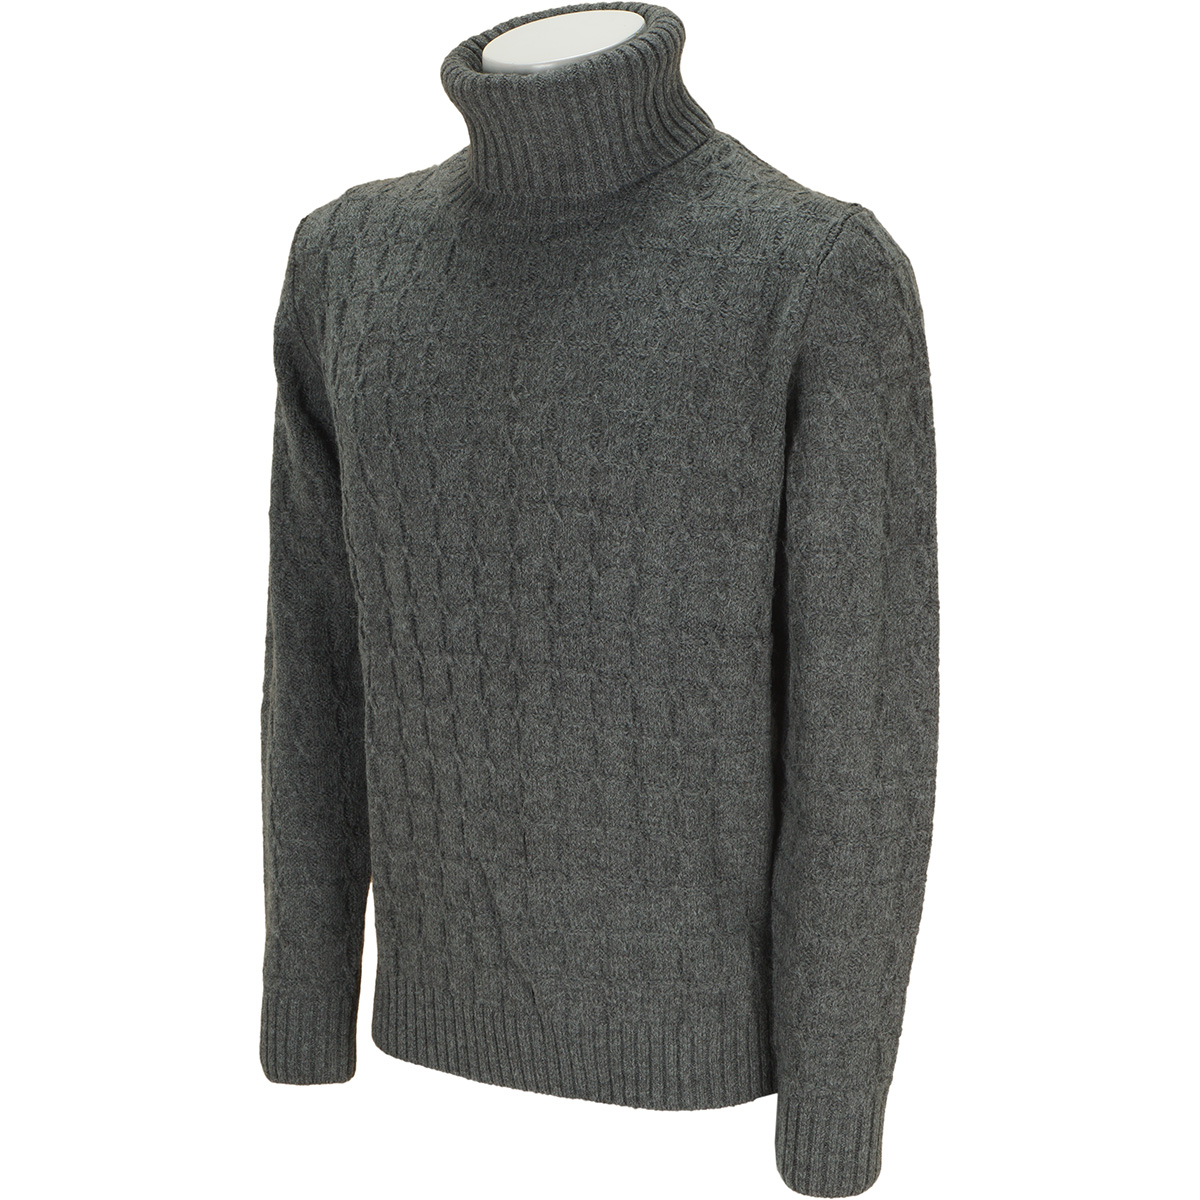 変形ケーブル タートルネックセーター